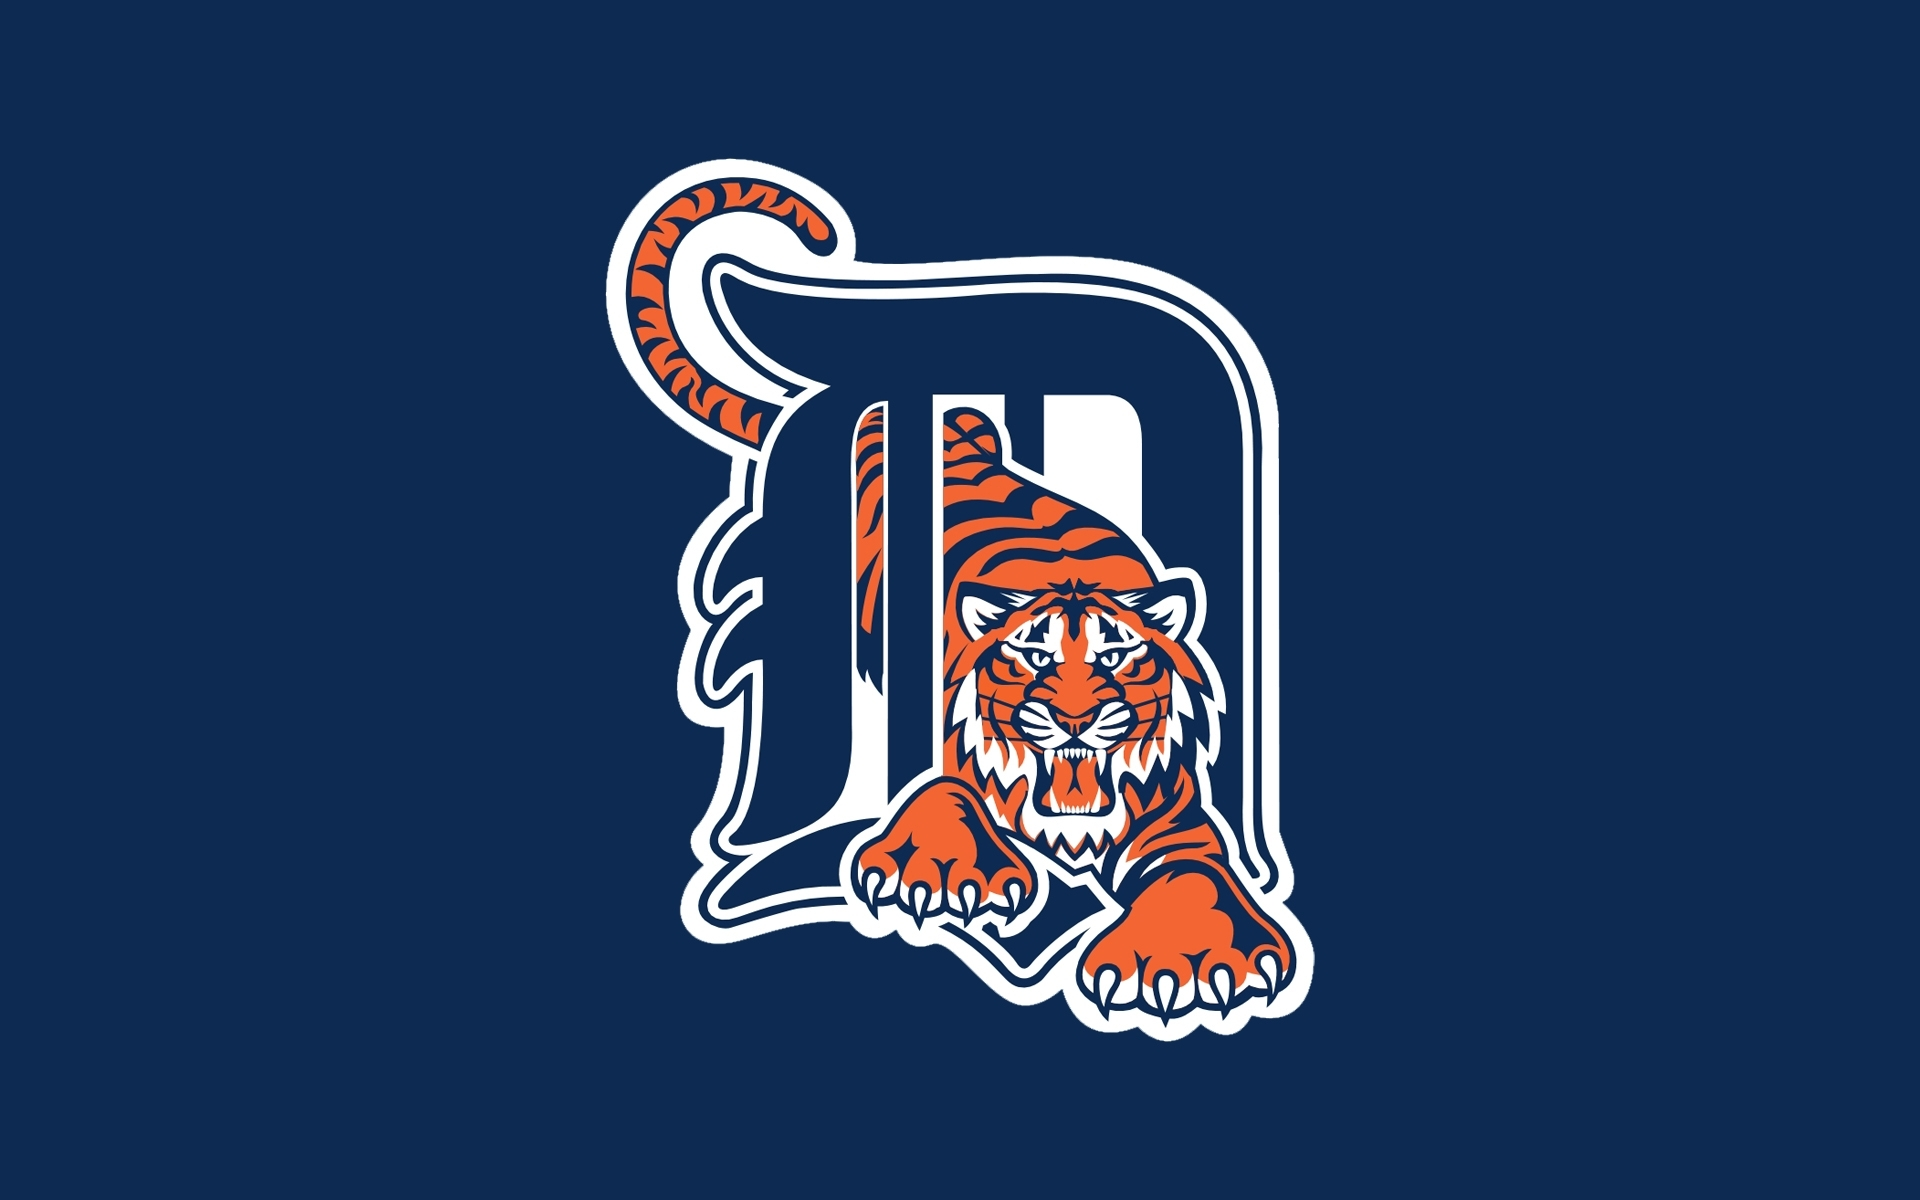 detroit tigers wallpaper hd | pixelstalk